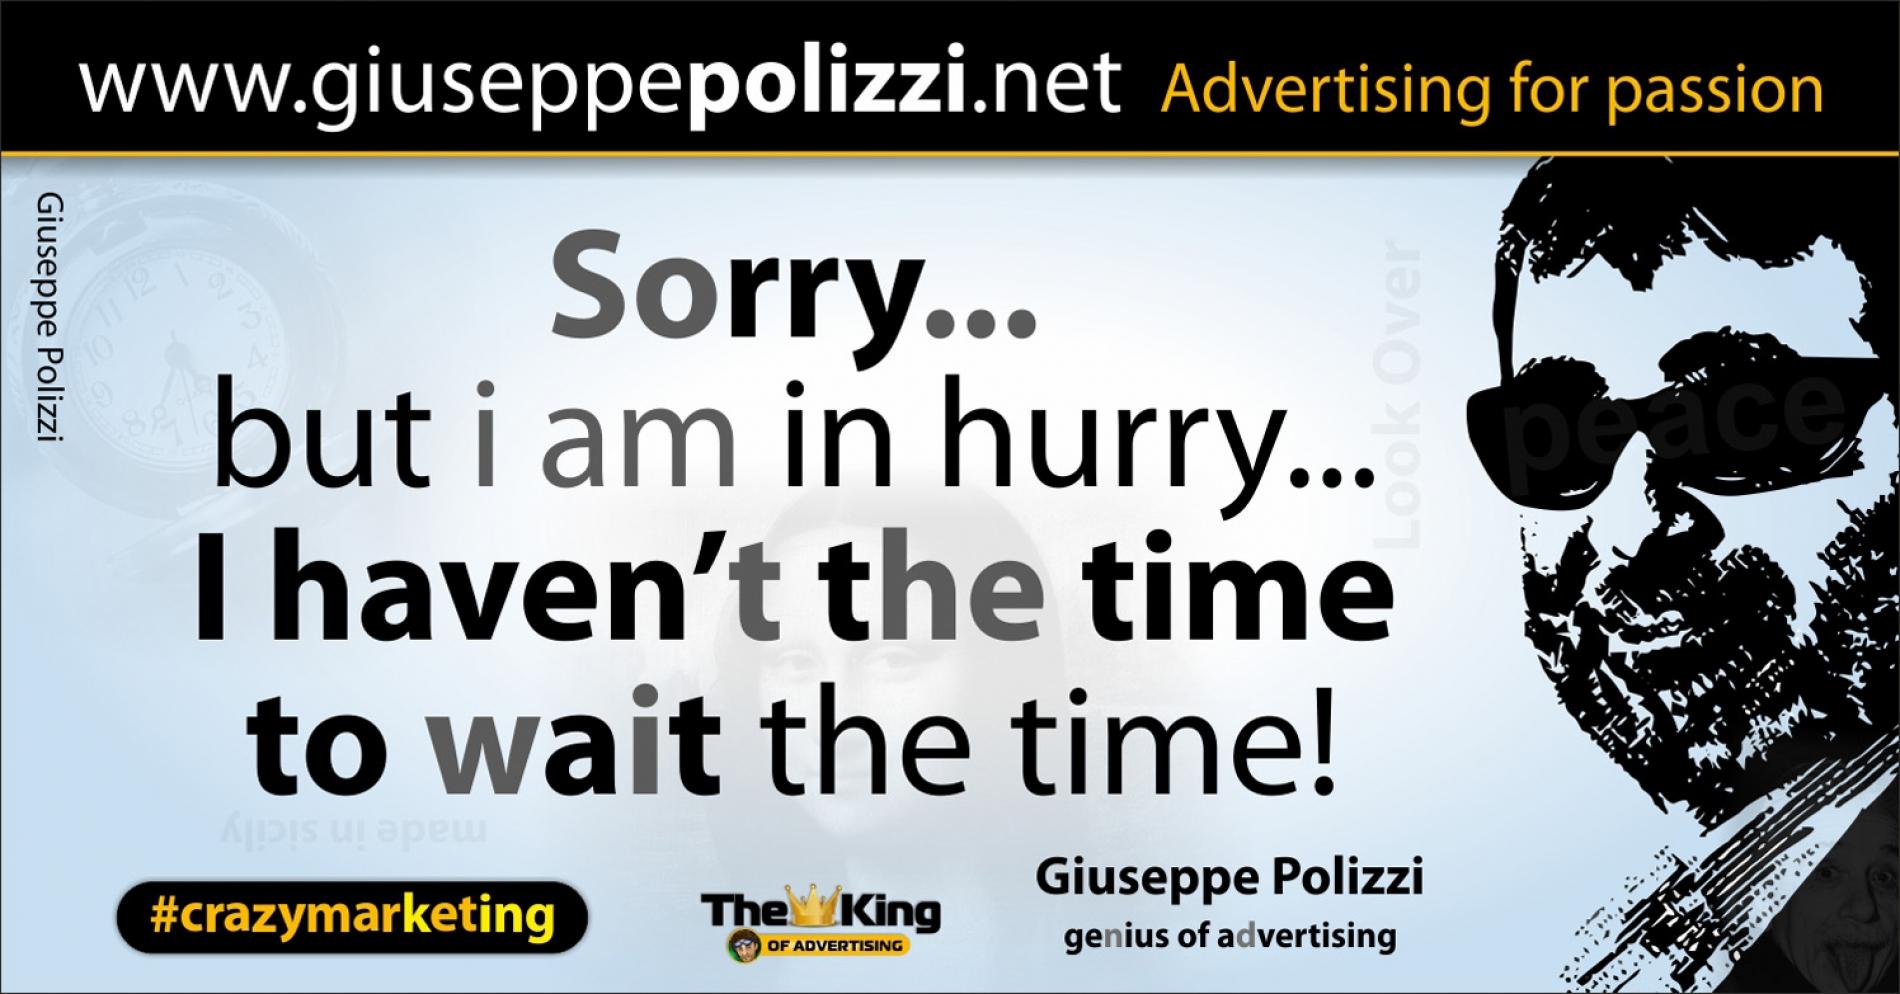 giuseppe polizzi aforismi tempo time 2016 crazymarketing inglese